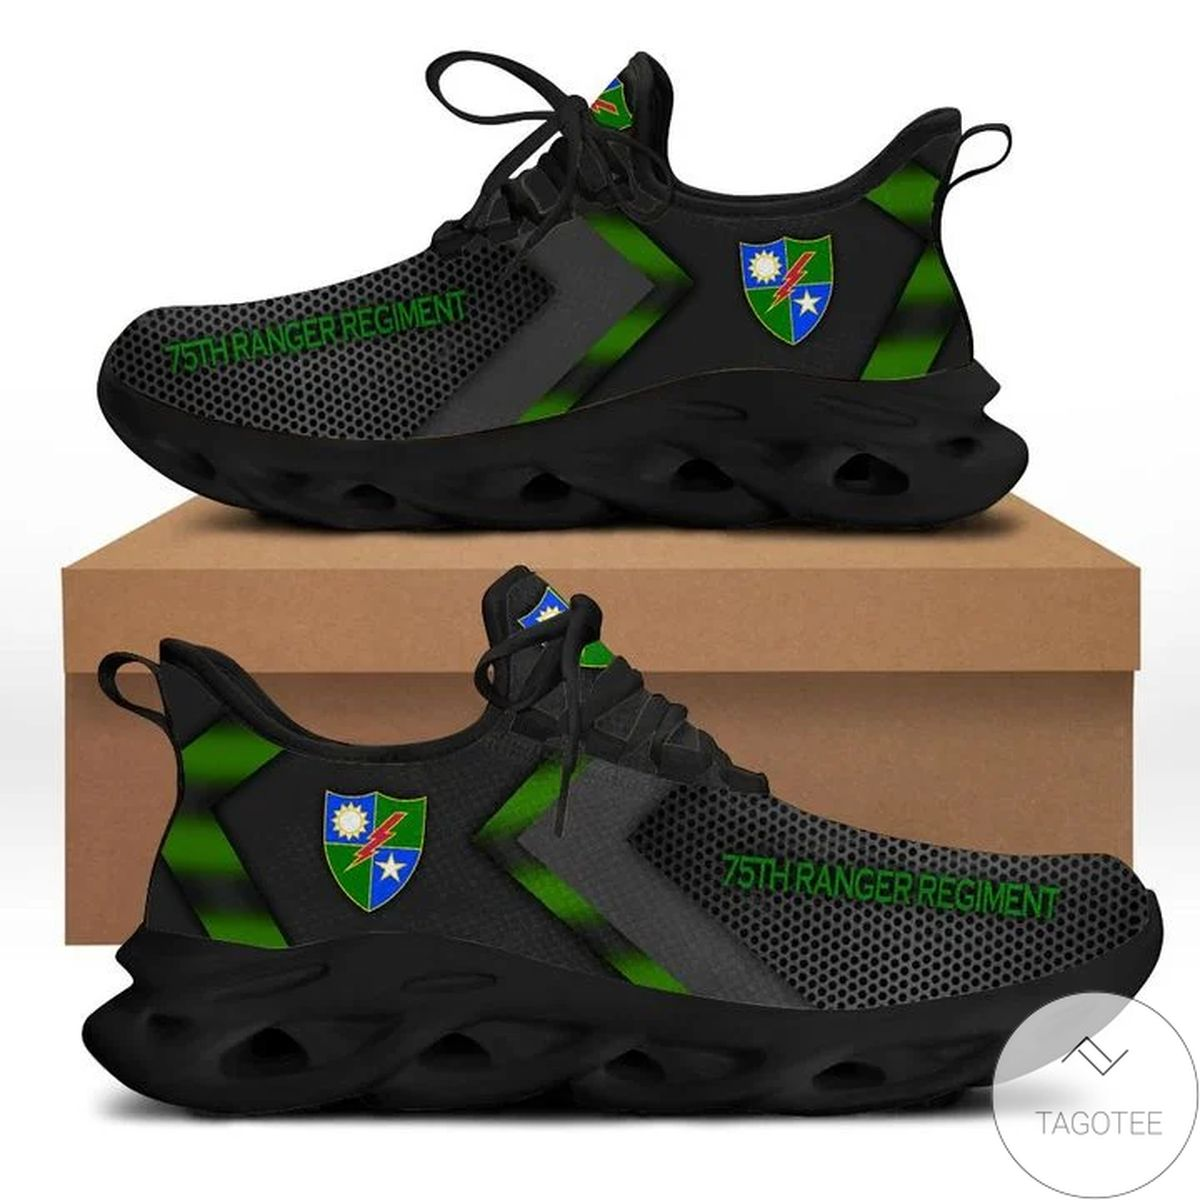 75th Ranger Regiment Max Soul Shoes